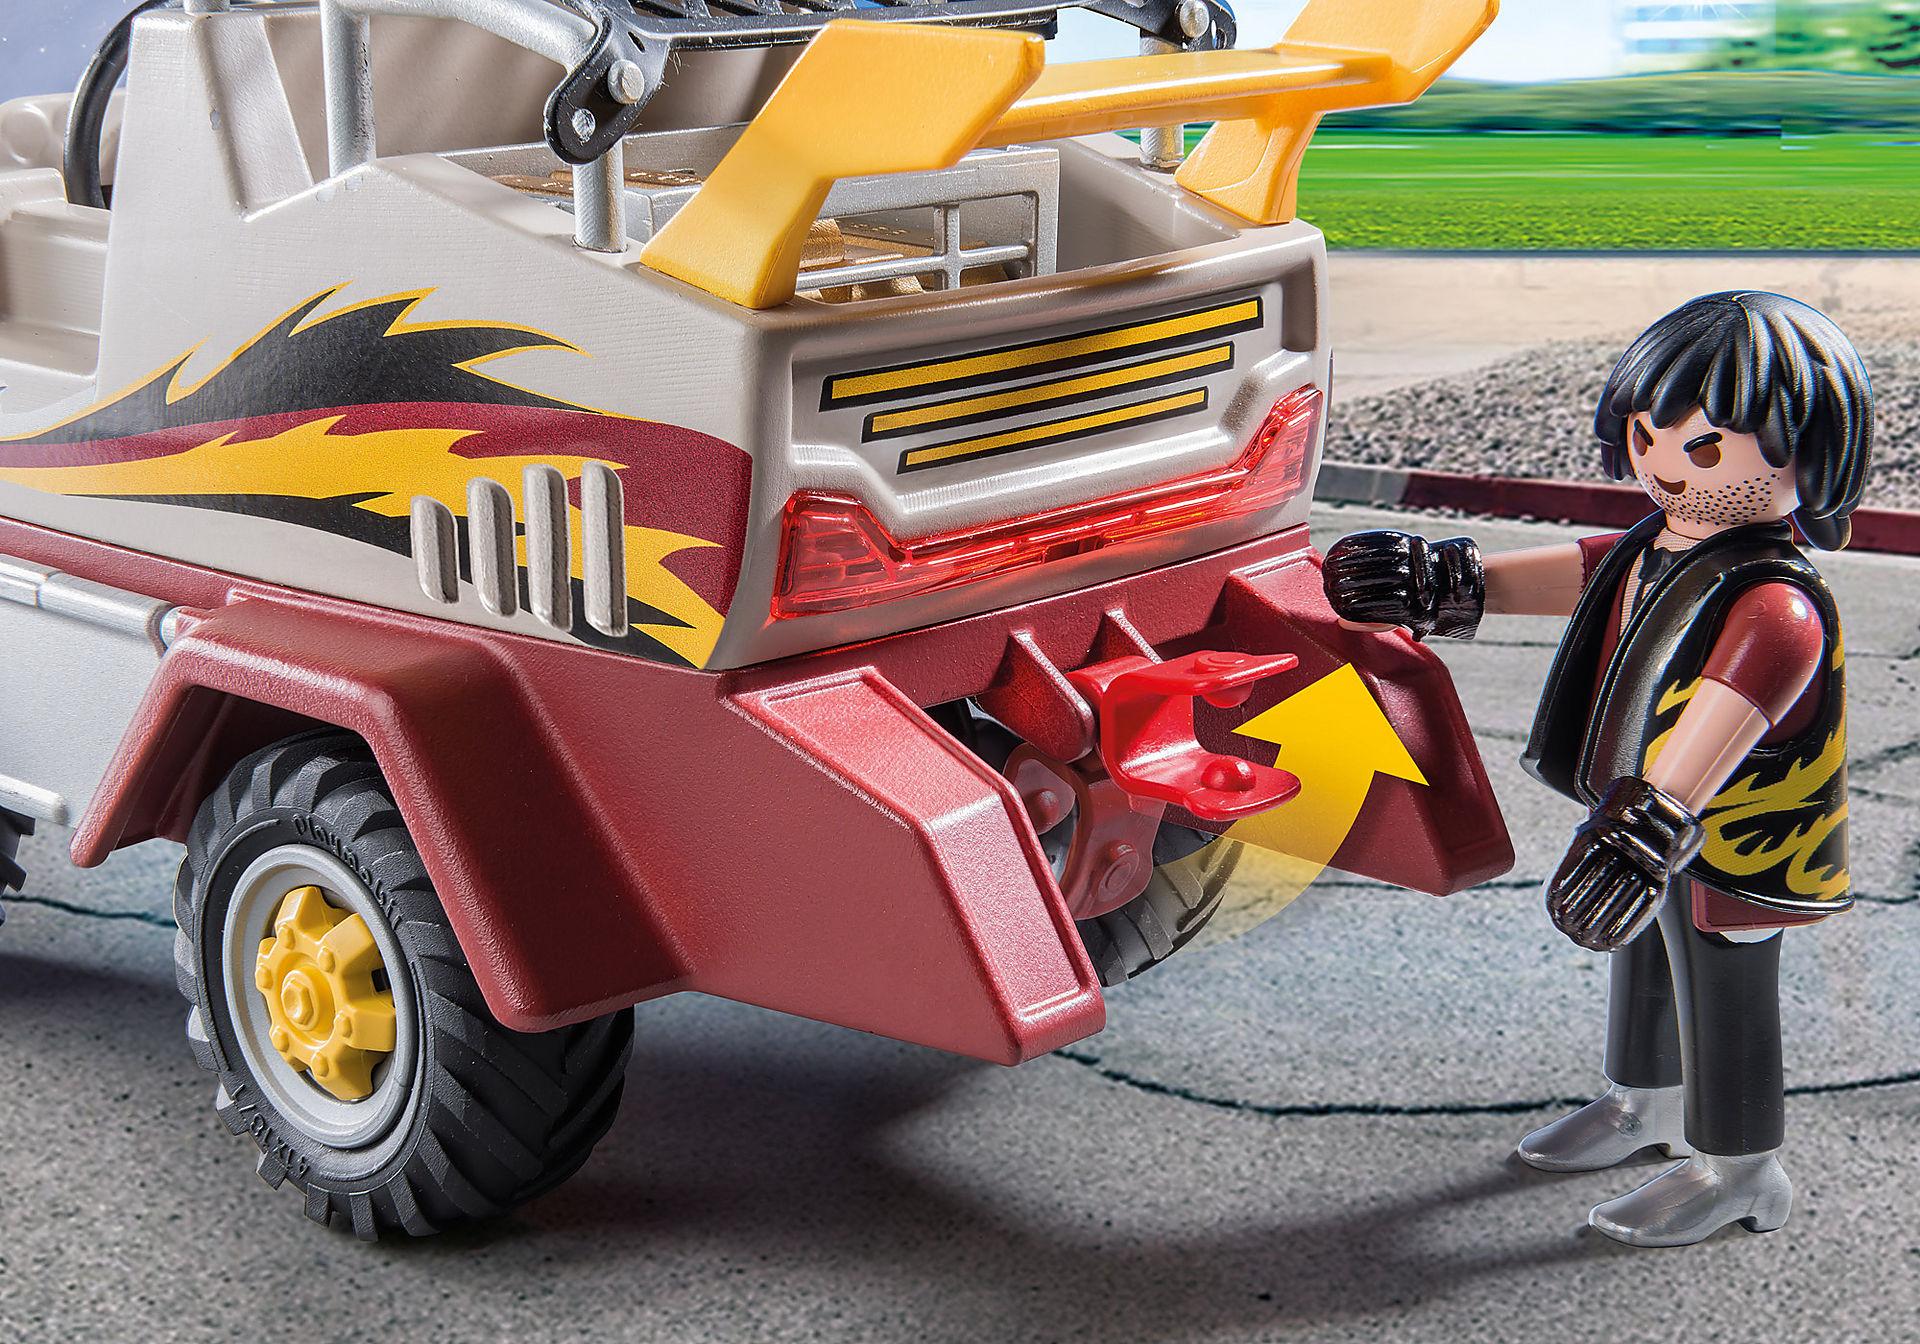 http://media.playmobil.com/i/playmobil/9364_product_extra1/Amfibievoertuig